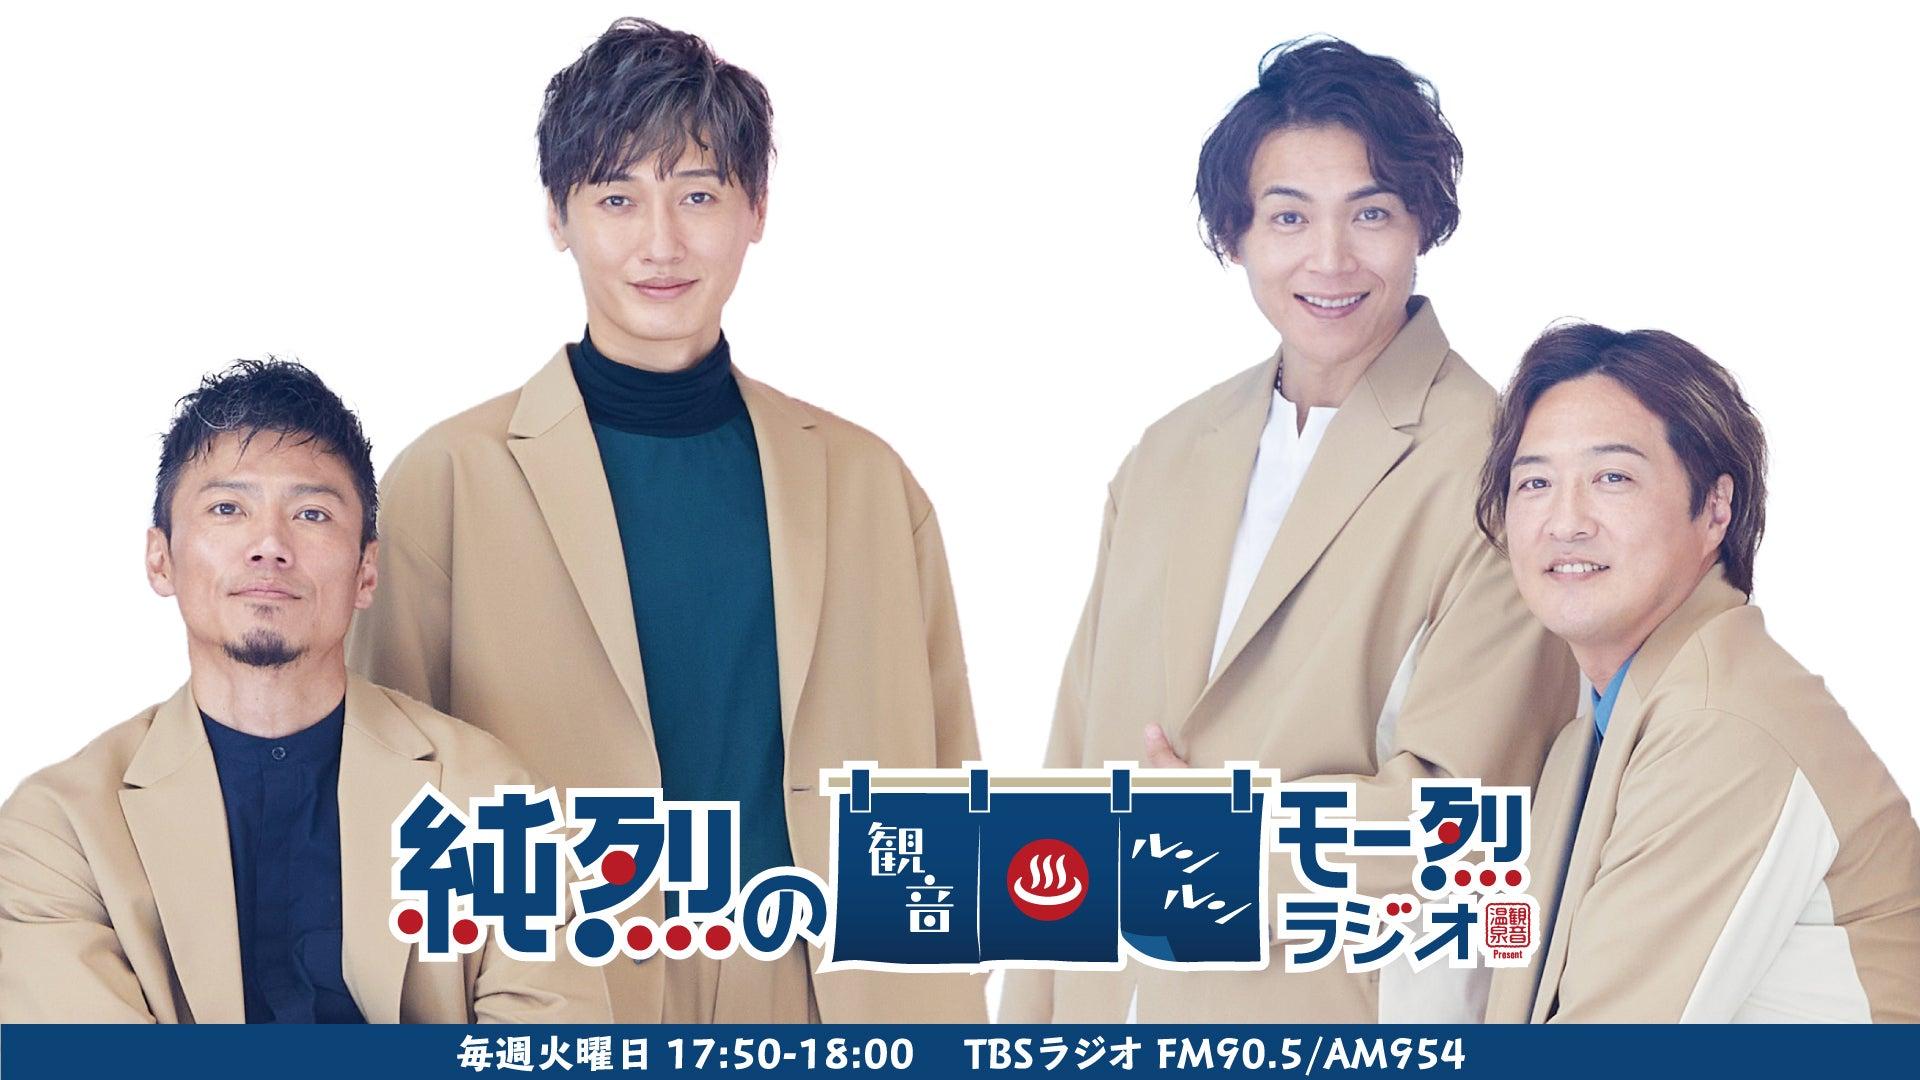 観音温泉 presents 純烈の観音ルンルン・モー烈ラジオ!